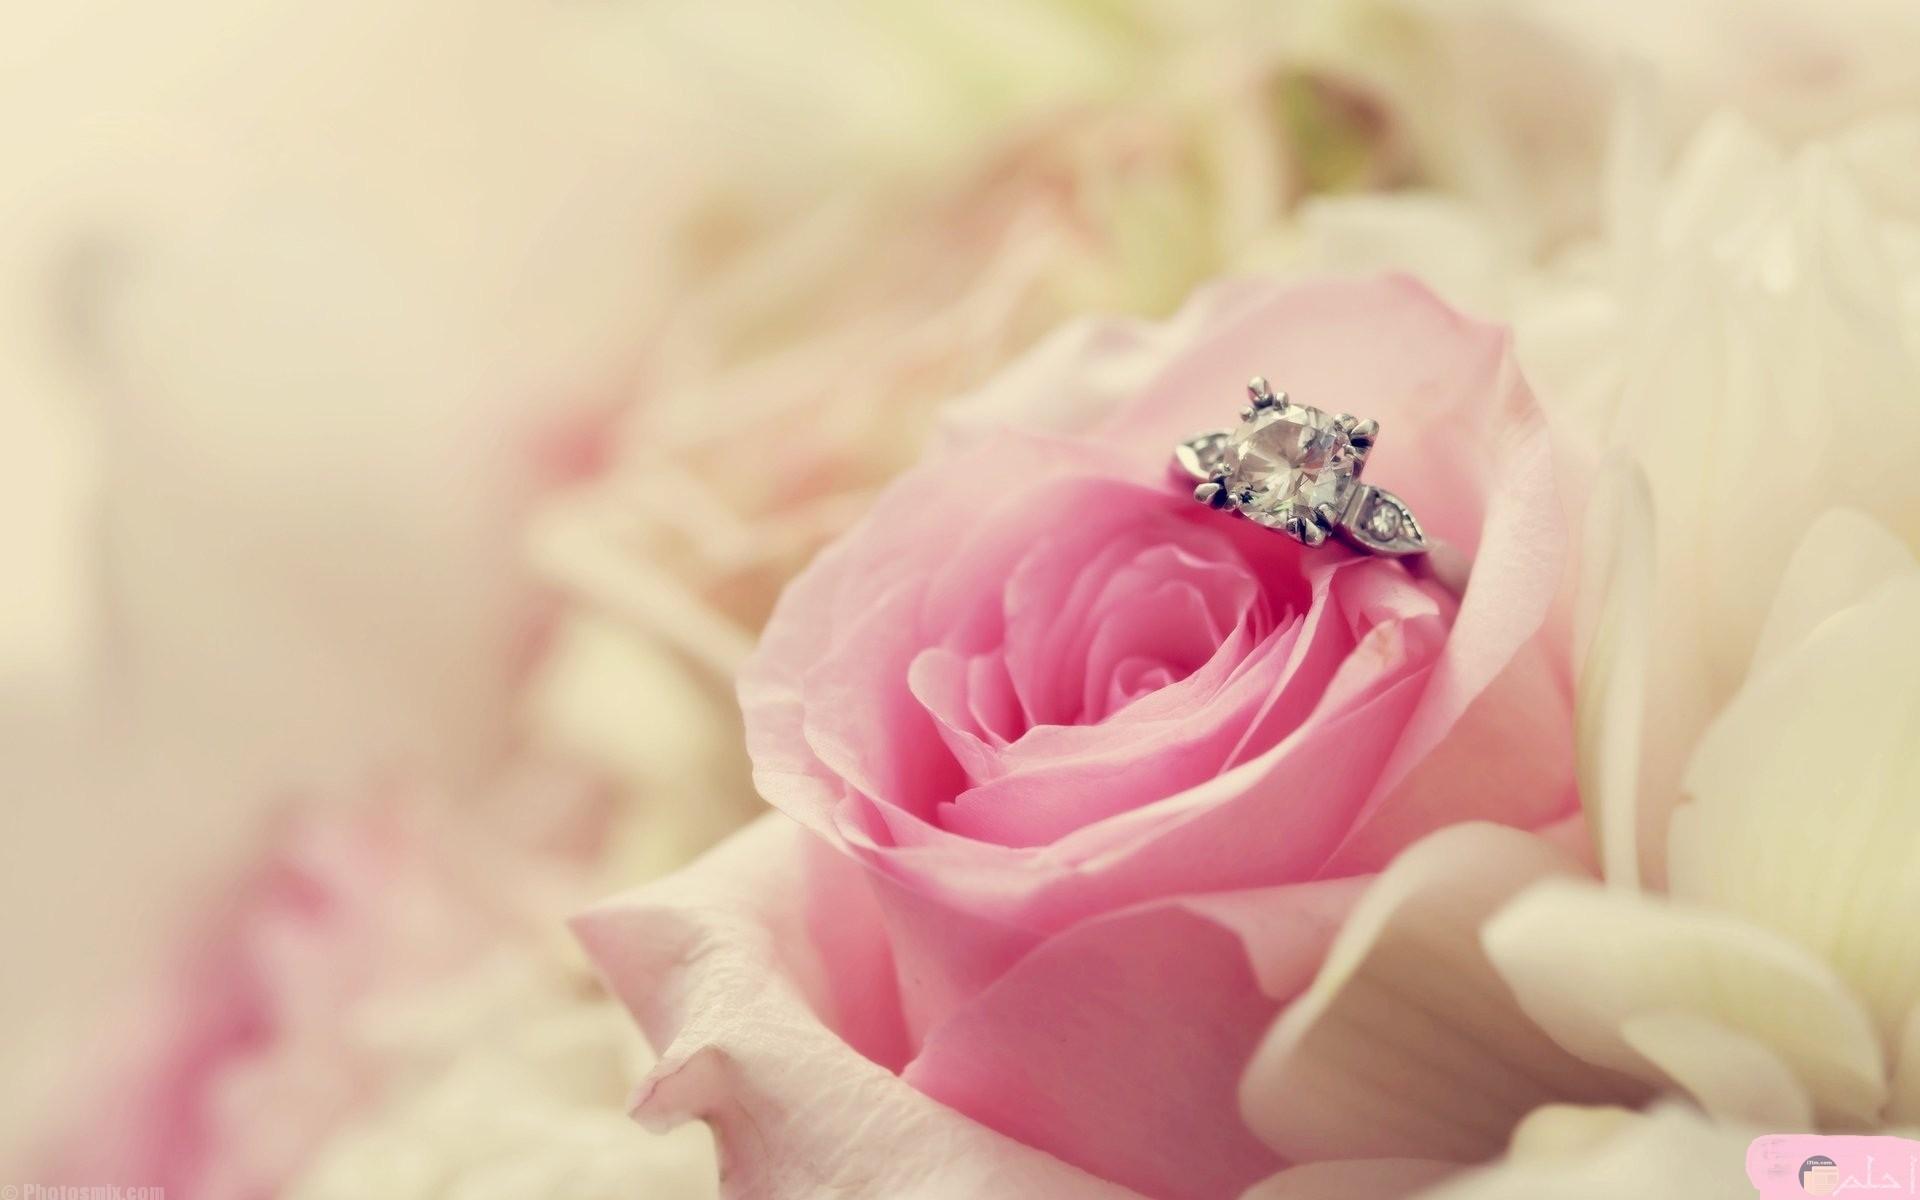 صورة وردة روز زاهية الجمال.